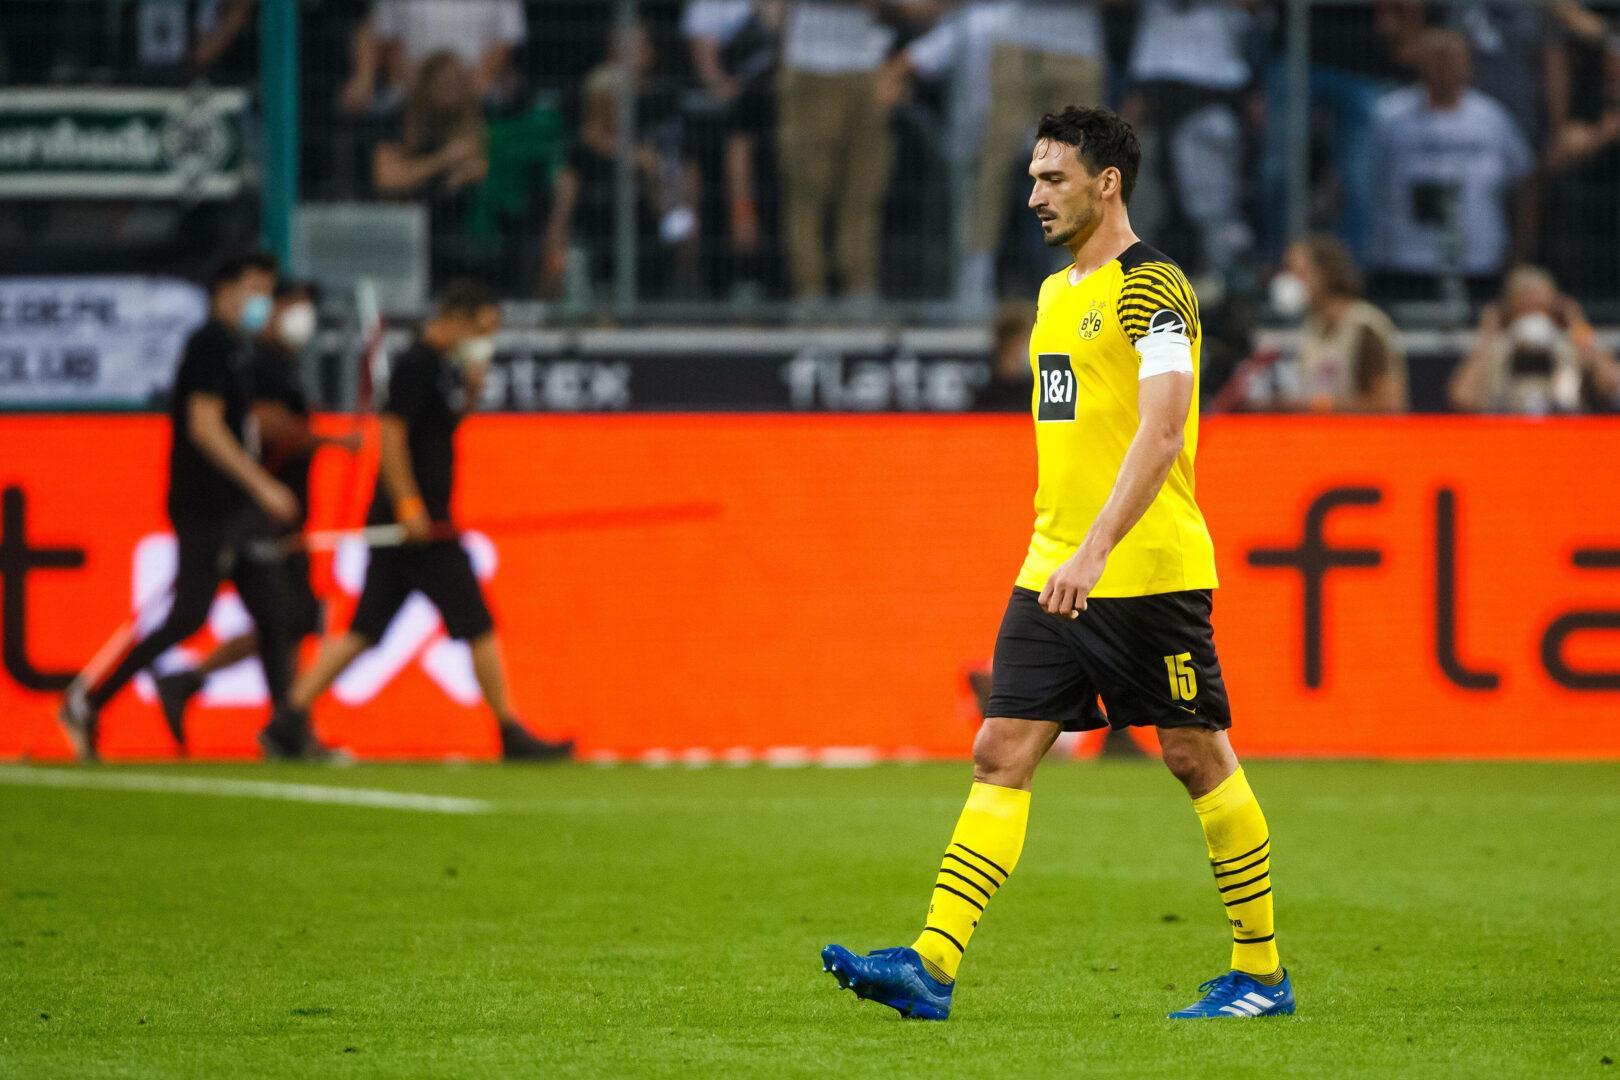 Watzke bestätigt: Hummels bleibt dem BVB erhalten